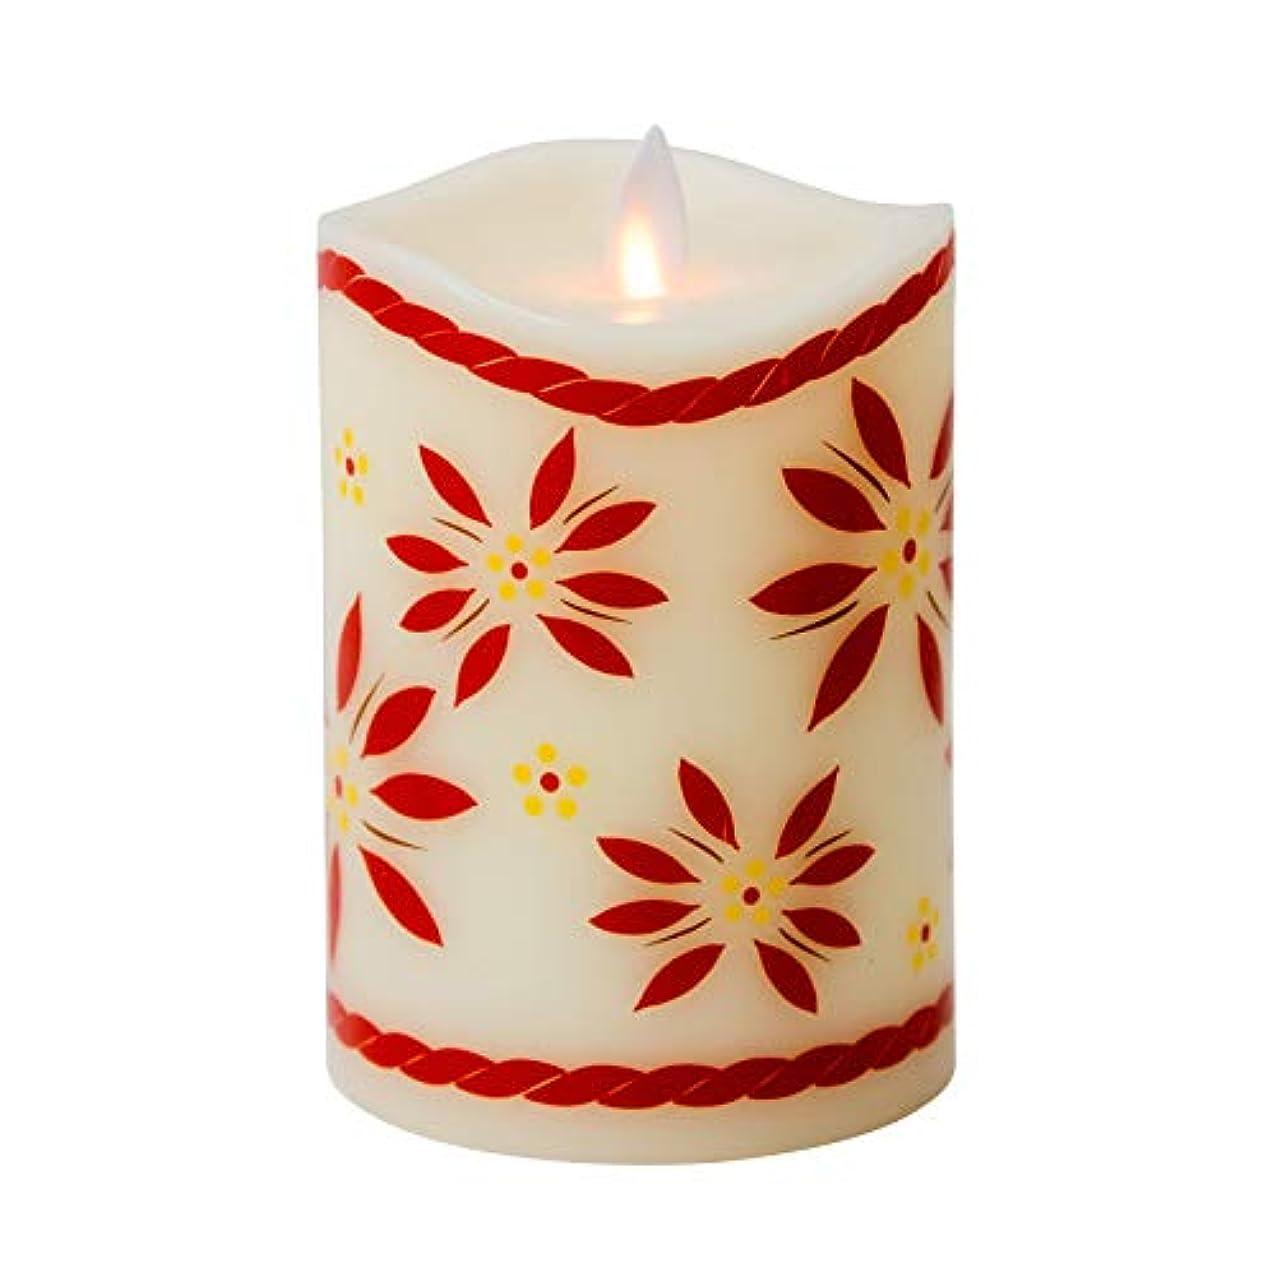 ブロー前方へ充実Boston Warehouse temp-tations by Tara Mystiqueパラフィンワックス5インチOld World Flameless Pillar Candle レッド 40441